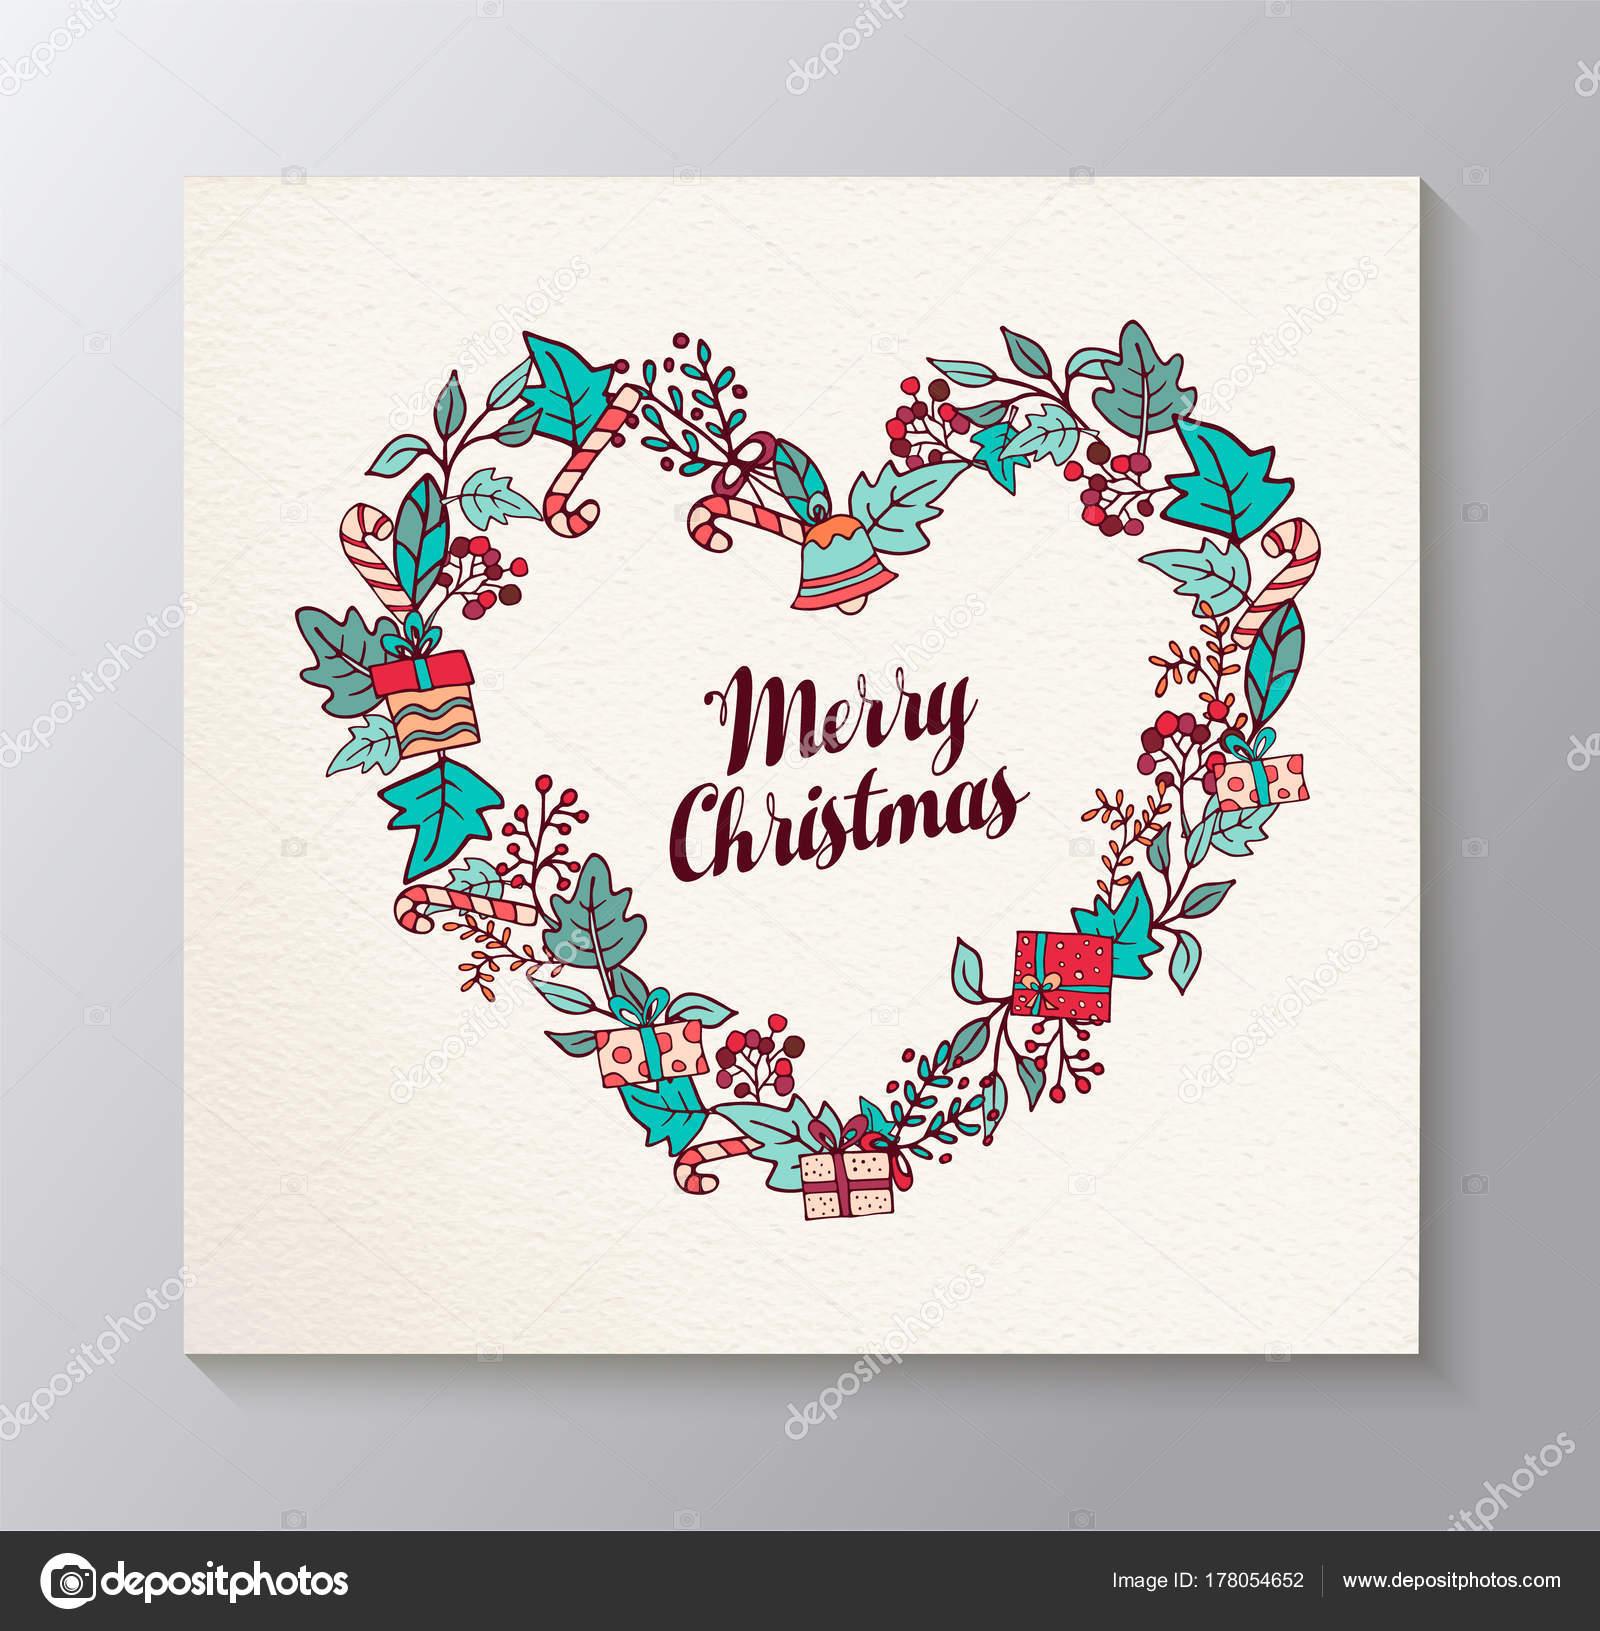 Frohe Weihnachten Liebe.Frohe Weihnachten Liebe Geformt Kranz Grusskarte